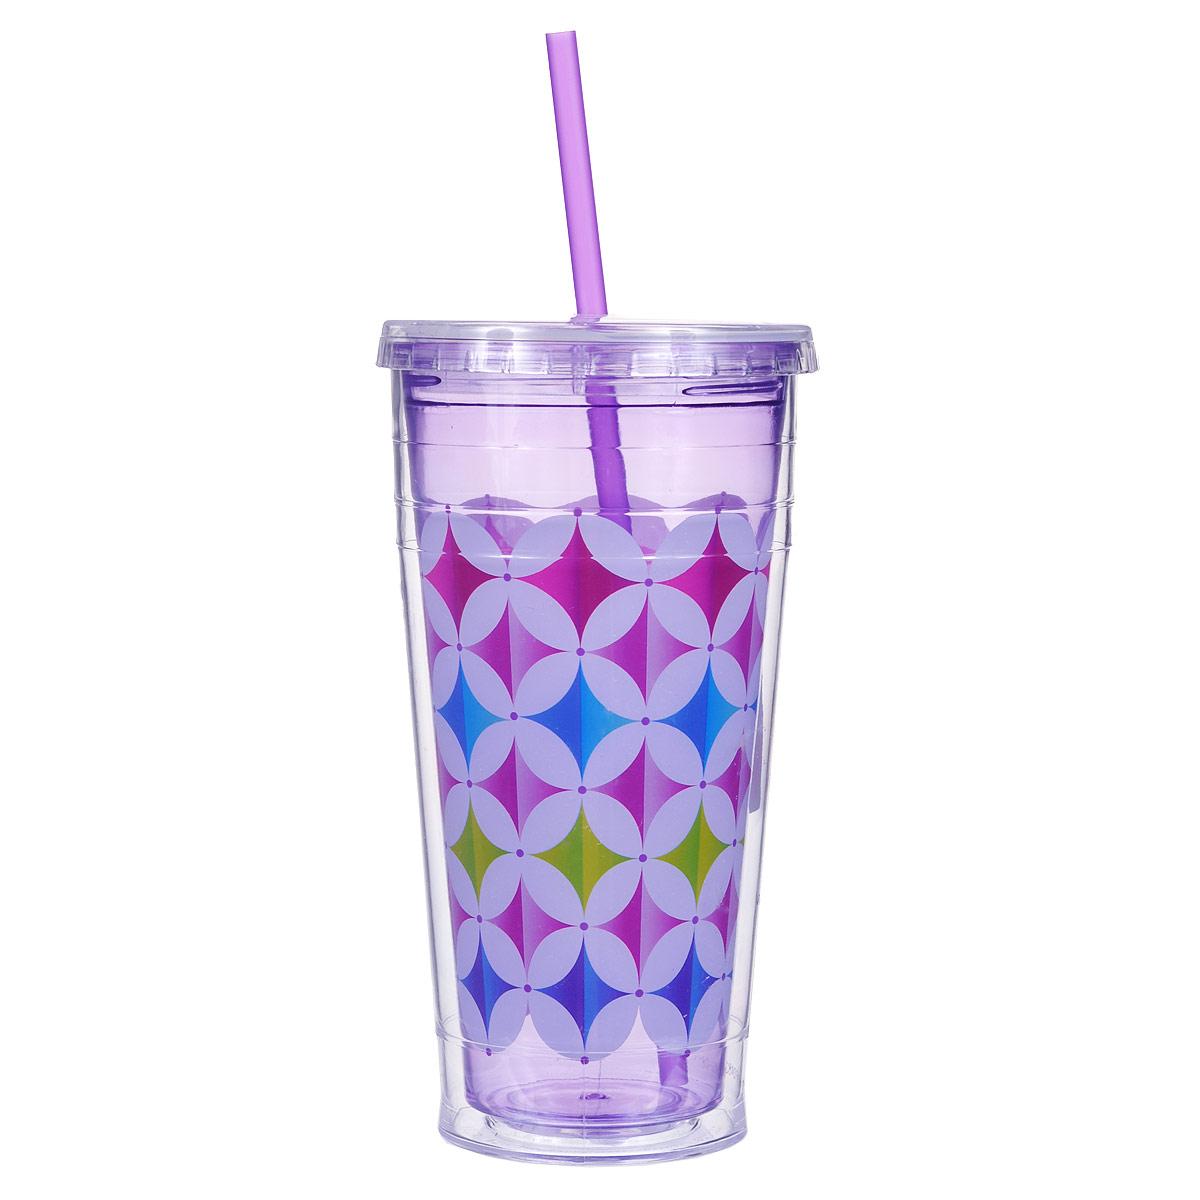 Кружка дорожная Cool Gear Eco 2 Go. Графика для холодных напитков, цвет: фиолетовый, 720 мл. 14291429Дорожная кружка Cool Gear Eco 2 Go. Графика изготовлена из высококачественного BPA free пластика, безопасного для здоровья. Яркая креативная кружка выполнена в виде стаканчика. Закручивающаяся крышка снабжена отверстием для трубочки (входит в комплект). Кружка предназначена для холодных напитков и идеально подходит для того, чтобы взять с собой в дорогу воду, морс, смузи или шейк. Двойные стенки дольше сохраняют напиток холодным. Эргономичная форма обеспечивает дополнительный комфорт и помогает надежно фиксировать кружку в ладони. Такая кружка - отличное решение для прогулки, пикника или автомобильной поездки. Оптимальный объем позволит взять с собой большую порцию напитка. Сохраните напиток холодным даже в самый жаркий день. Не рекомендуется использовать в микроволновой печи и мыть в посудомоечной машине.